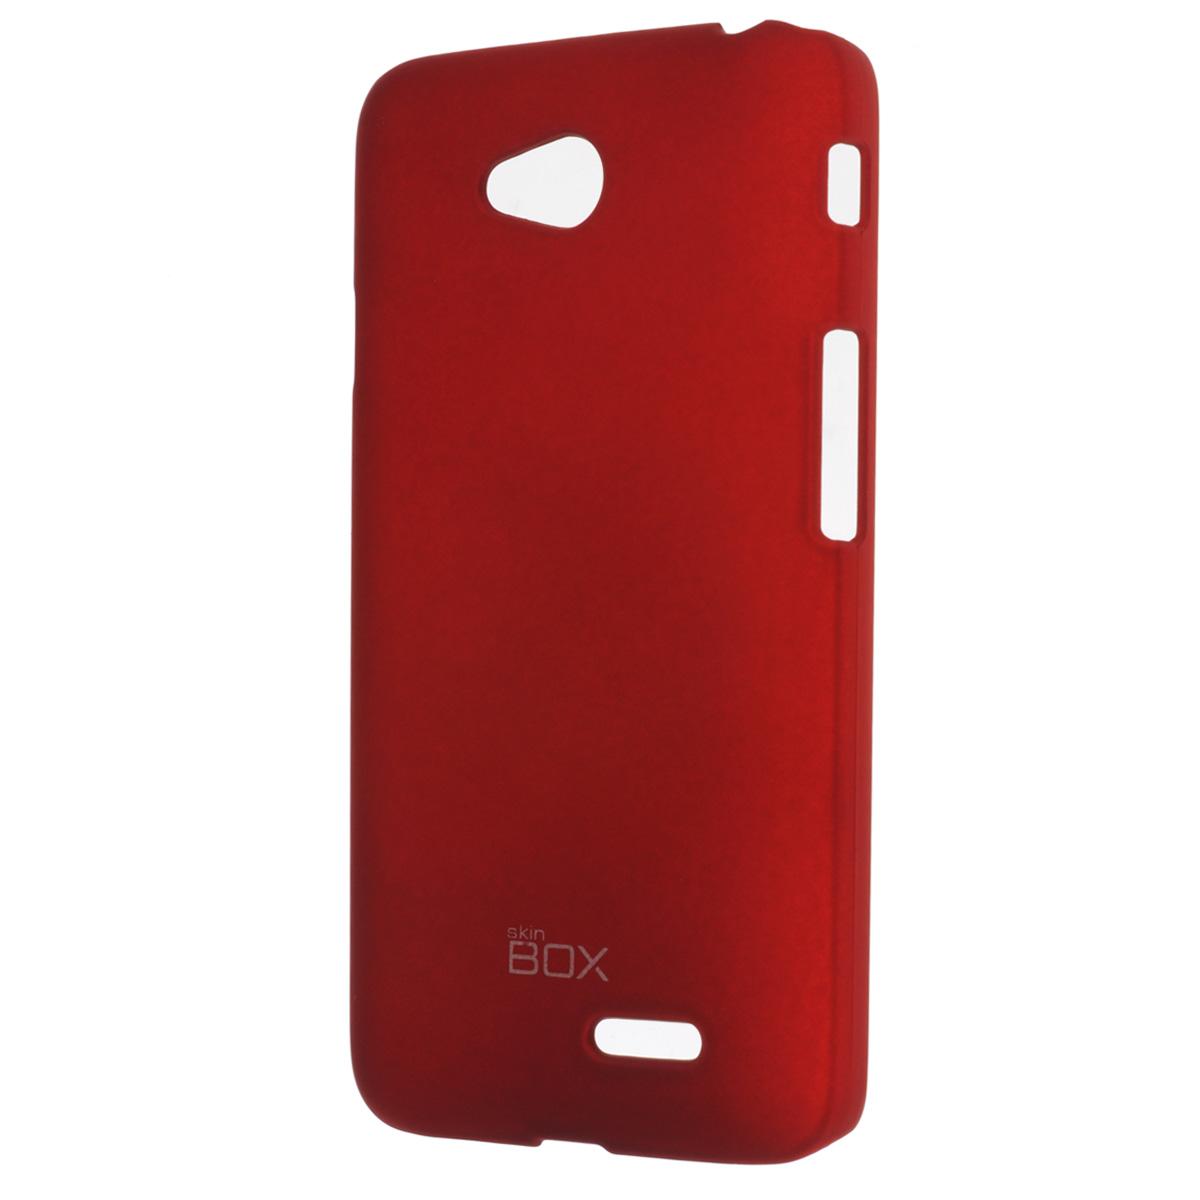 Skinbox Shield 4People чехол для LG L70 Dual, RedT-S-LL70-002Чехол Skinbox Shield 4People для LG L70 предназначен для защиты корпуса смартфона от механических повреждений и царапин в процессе эксплуатации. Имеется свободный доступ ко всем разъемам и кнопкам устройства. В комплект также входит защитная пленка на экран телефона.